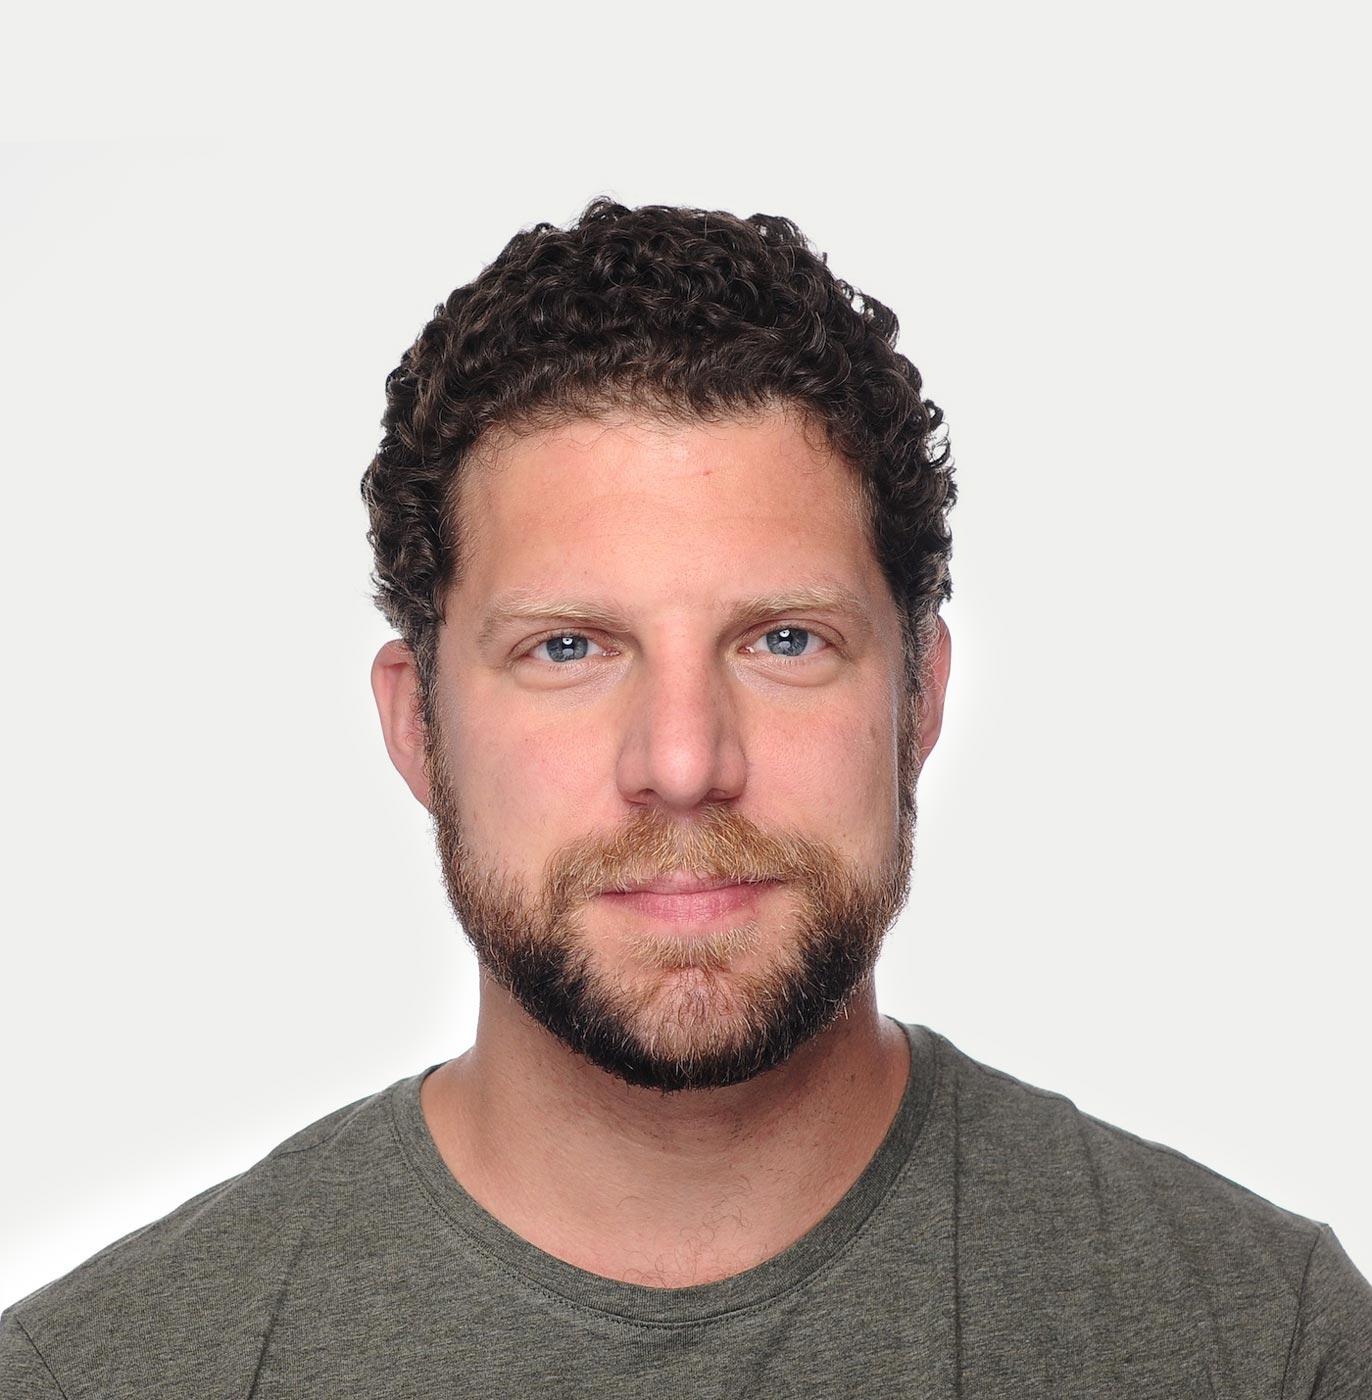 Dr. Alexander Rosen